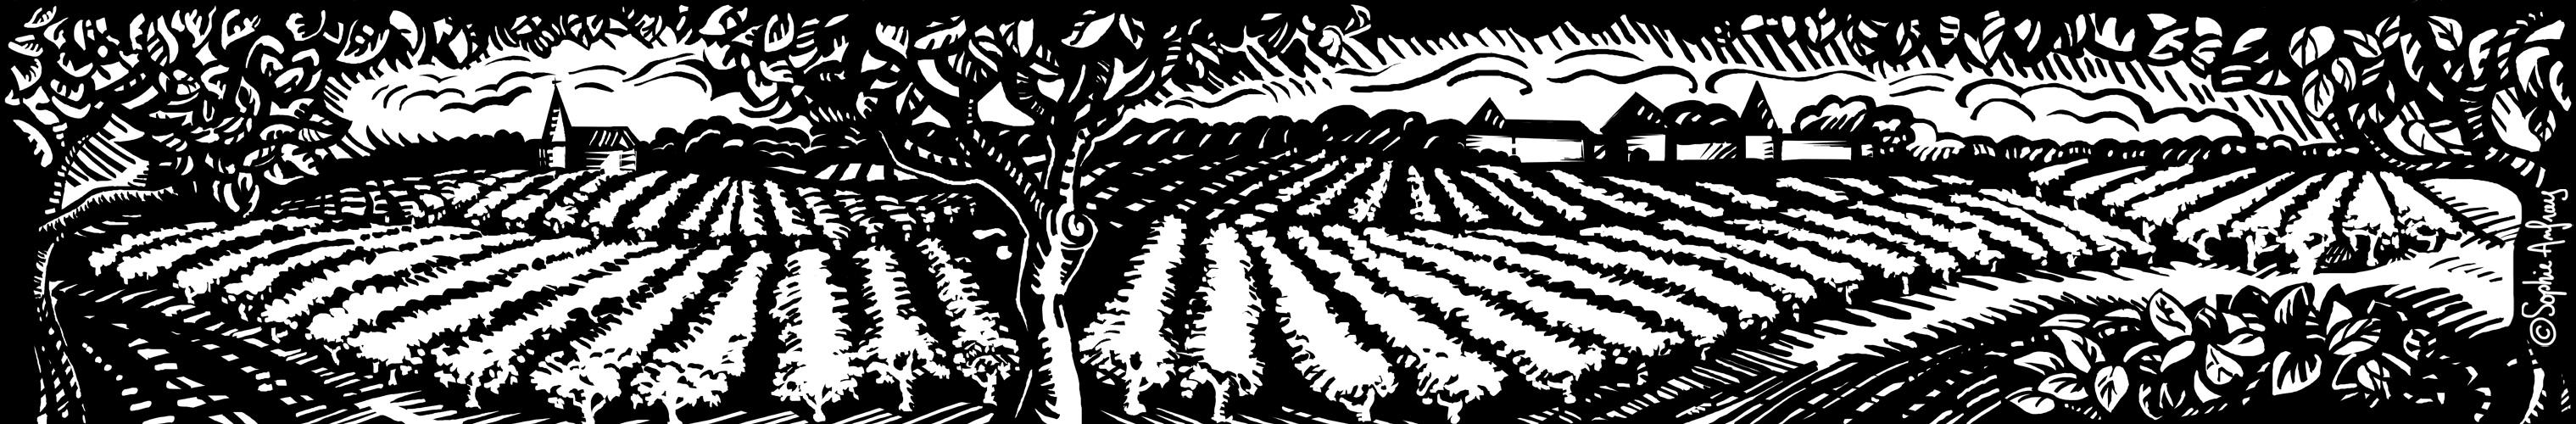 Frise en noir et blanc d'un vignoble.